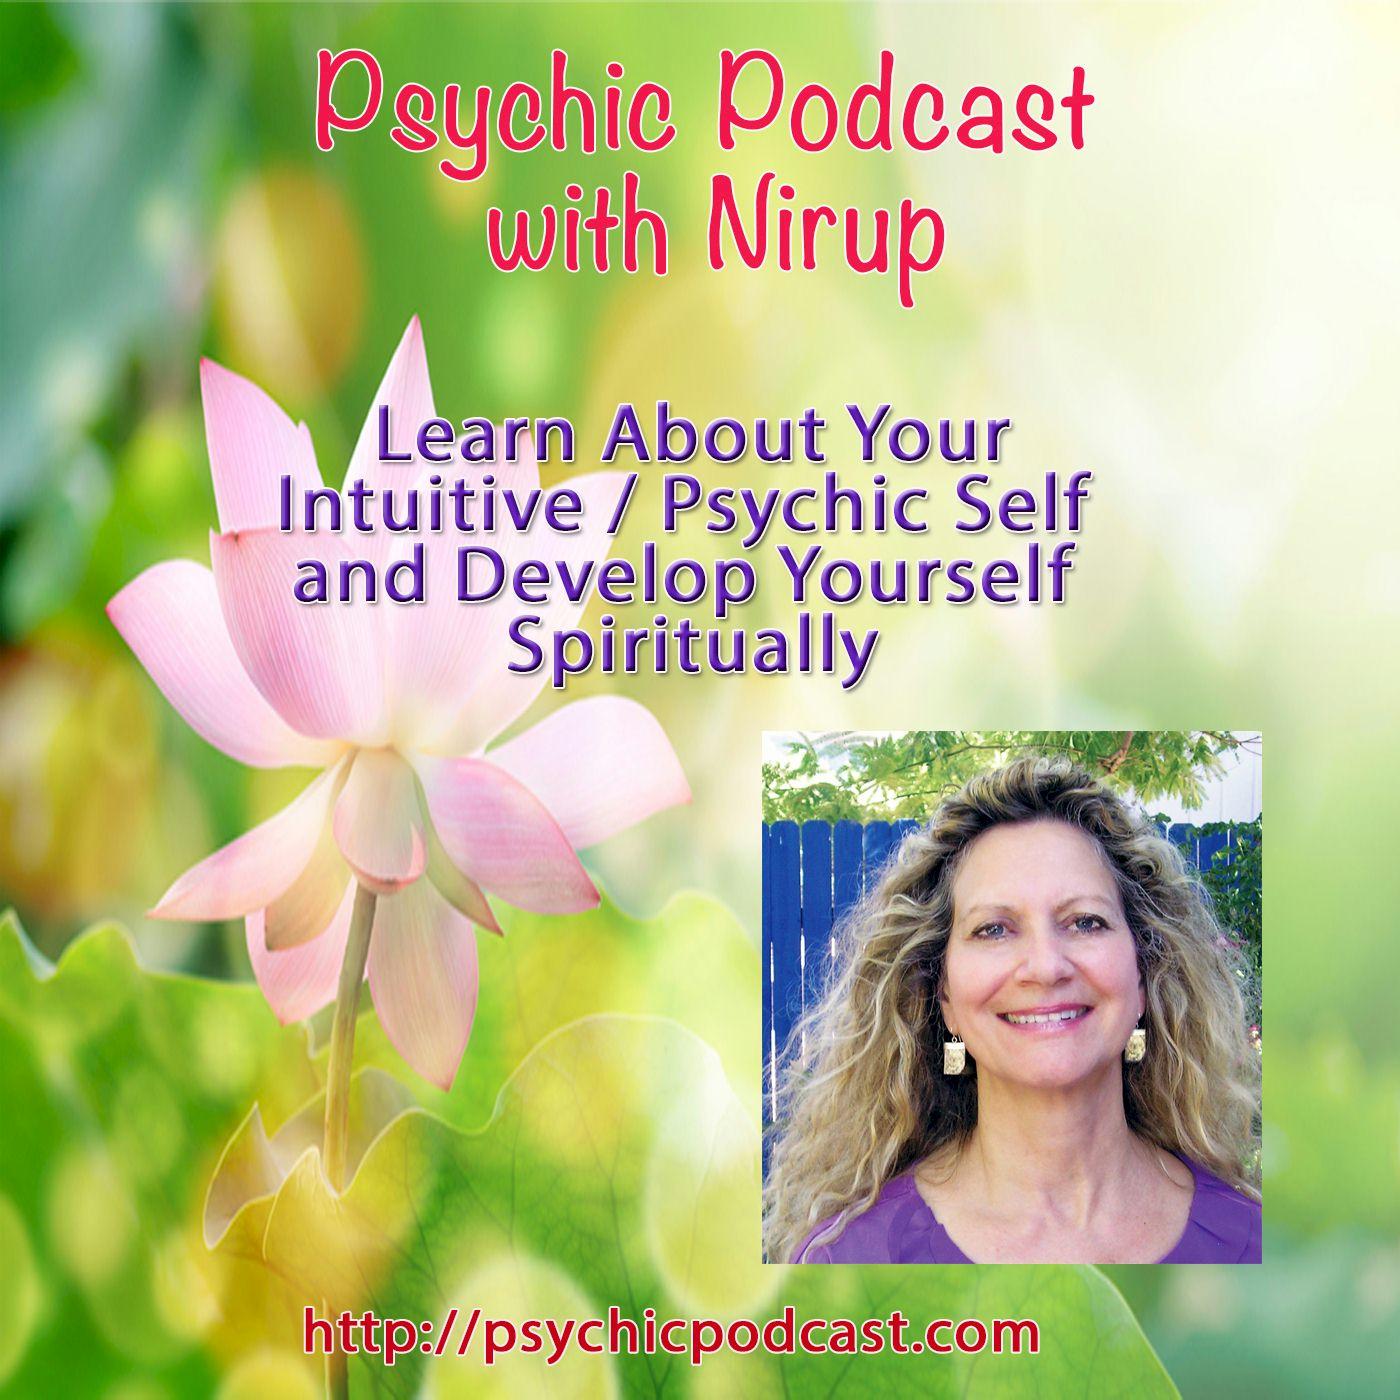 Psychic Podcast with Nirup from Sedona Arizona